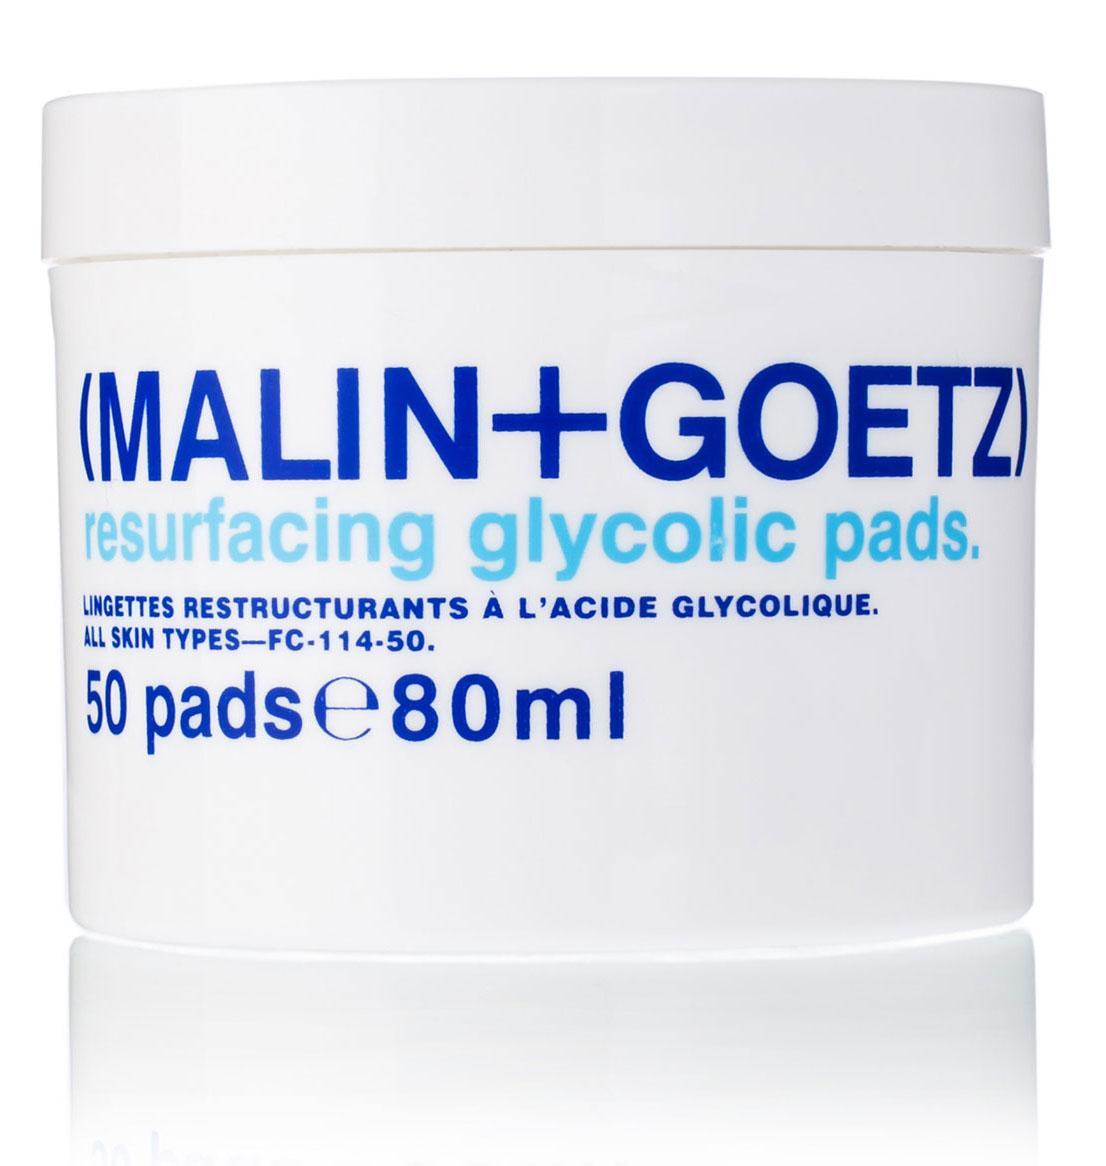 Malin+Goetz Обновляющие диски для лица, 50 штMGFC11450Отшелушивающее средство салонного уровня. Ватные диски, пропитанные гликолевой кислотой, удаляют ороговевшие клетки кожи, стимулируют ее обновление и производство коллагена, что позволяет визуально уменьшить мелкие морщинки и придать коже свежий и здоровый вид. Гликолевая кислота эффективно очищает поры, обновляет кожу, улучшая ее текстуру и не вызывая негативных последствий агрессивного химического пилинга. Используйте в сочетании с антивозрастным уходом, либо с уходом для проблемной кожи. Диски имеют натуральный цвет и запах.